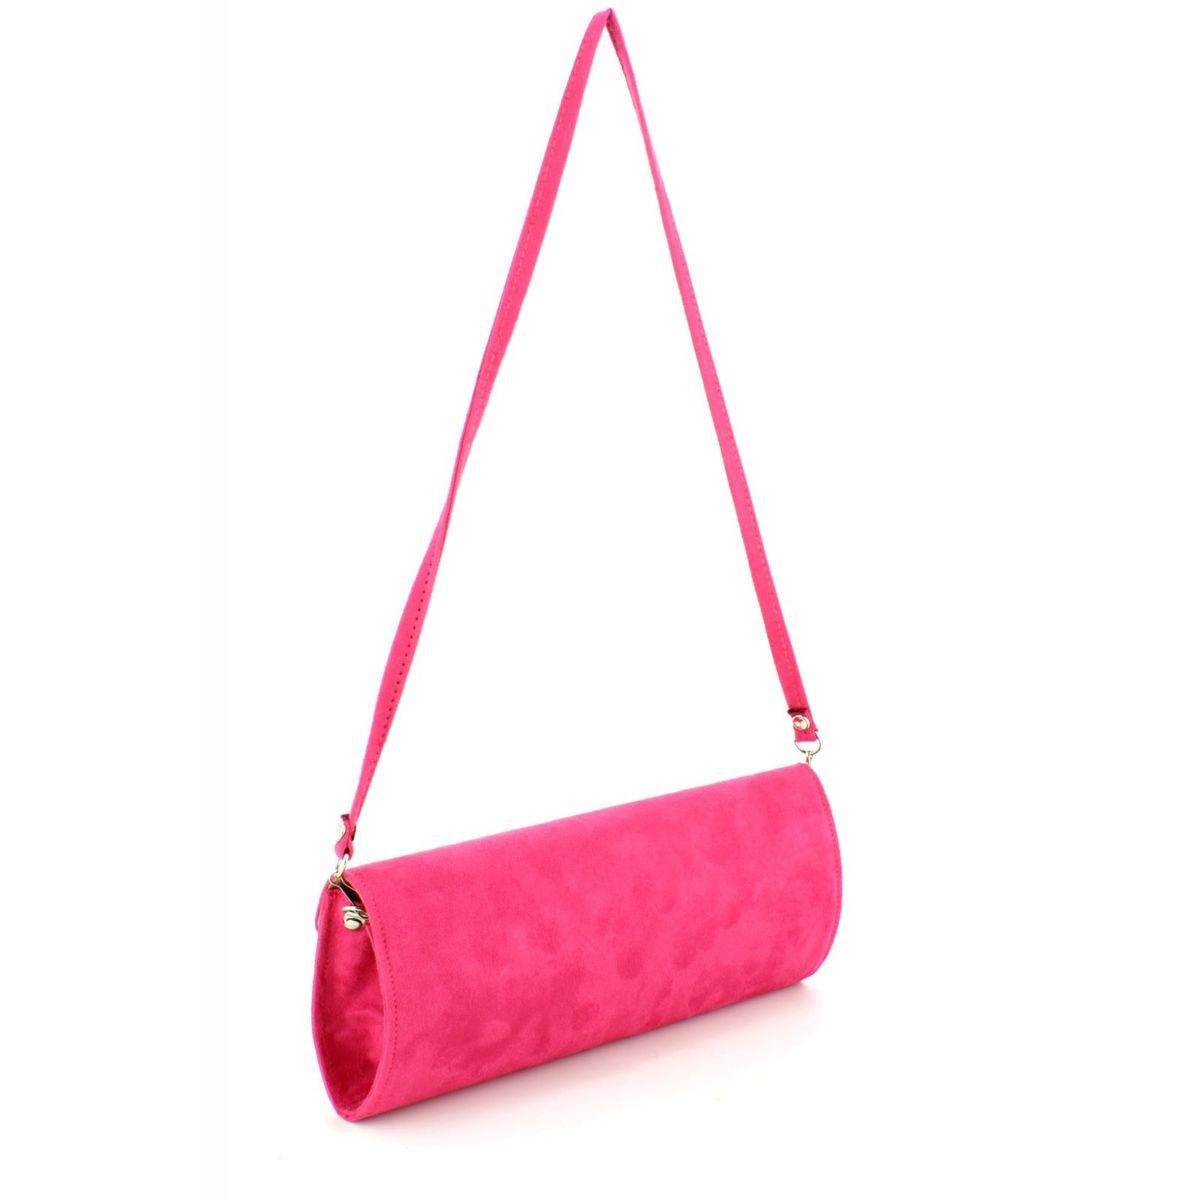 b66ea099fc4c Exclusive to Begg Shoes Blossom 1919-80 Fuchsia matching handbag